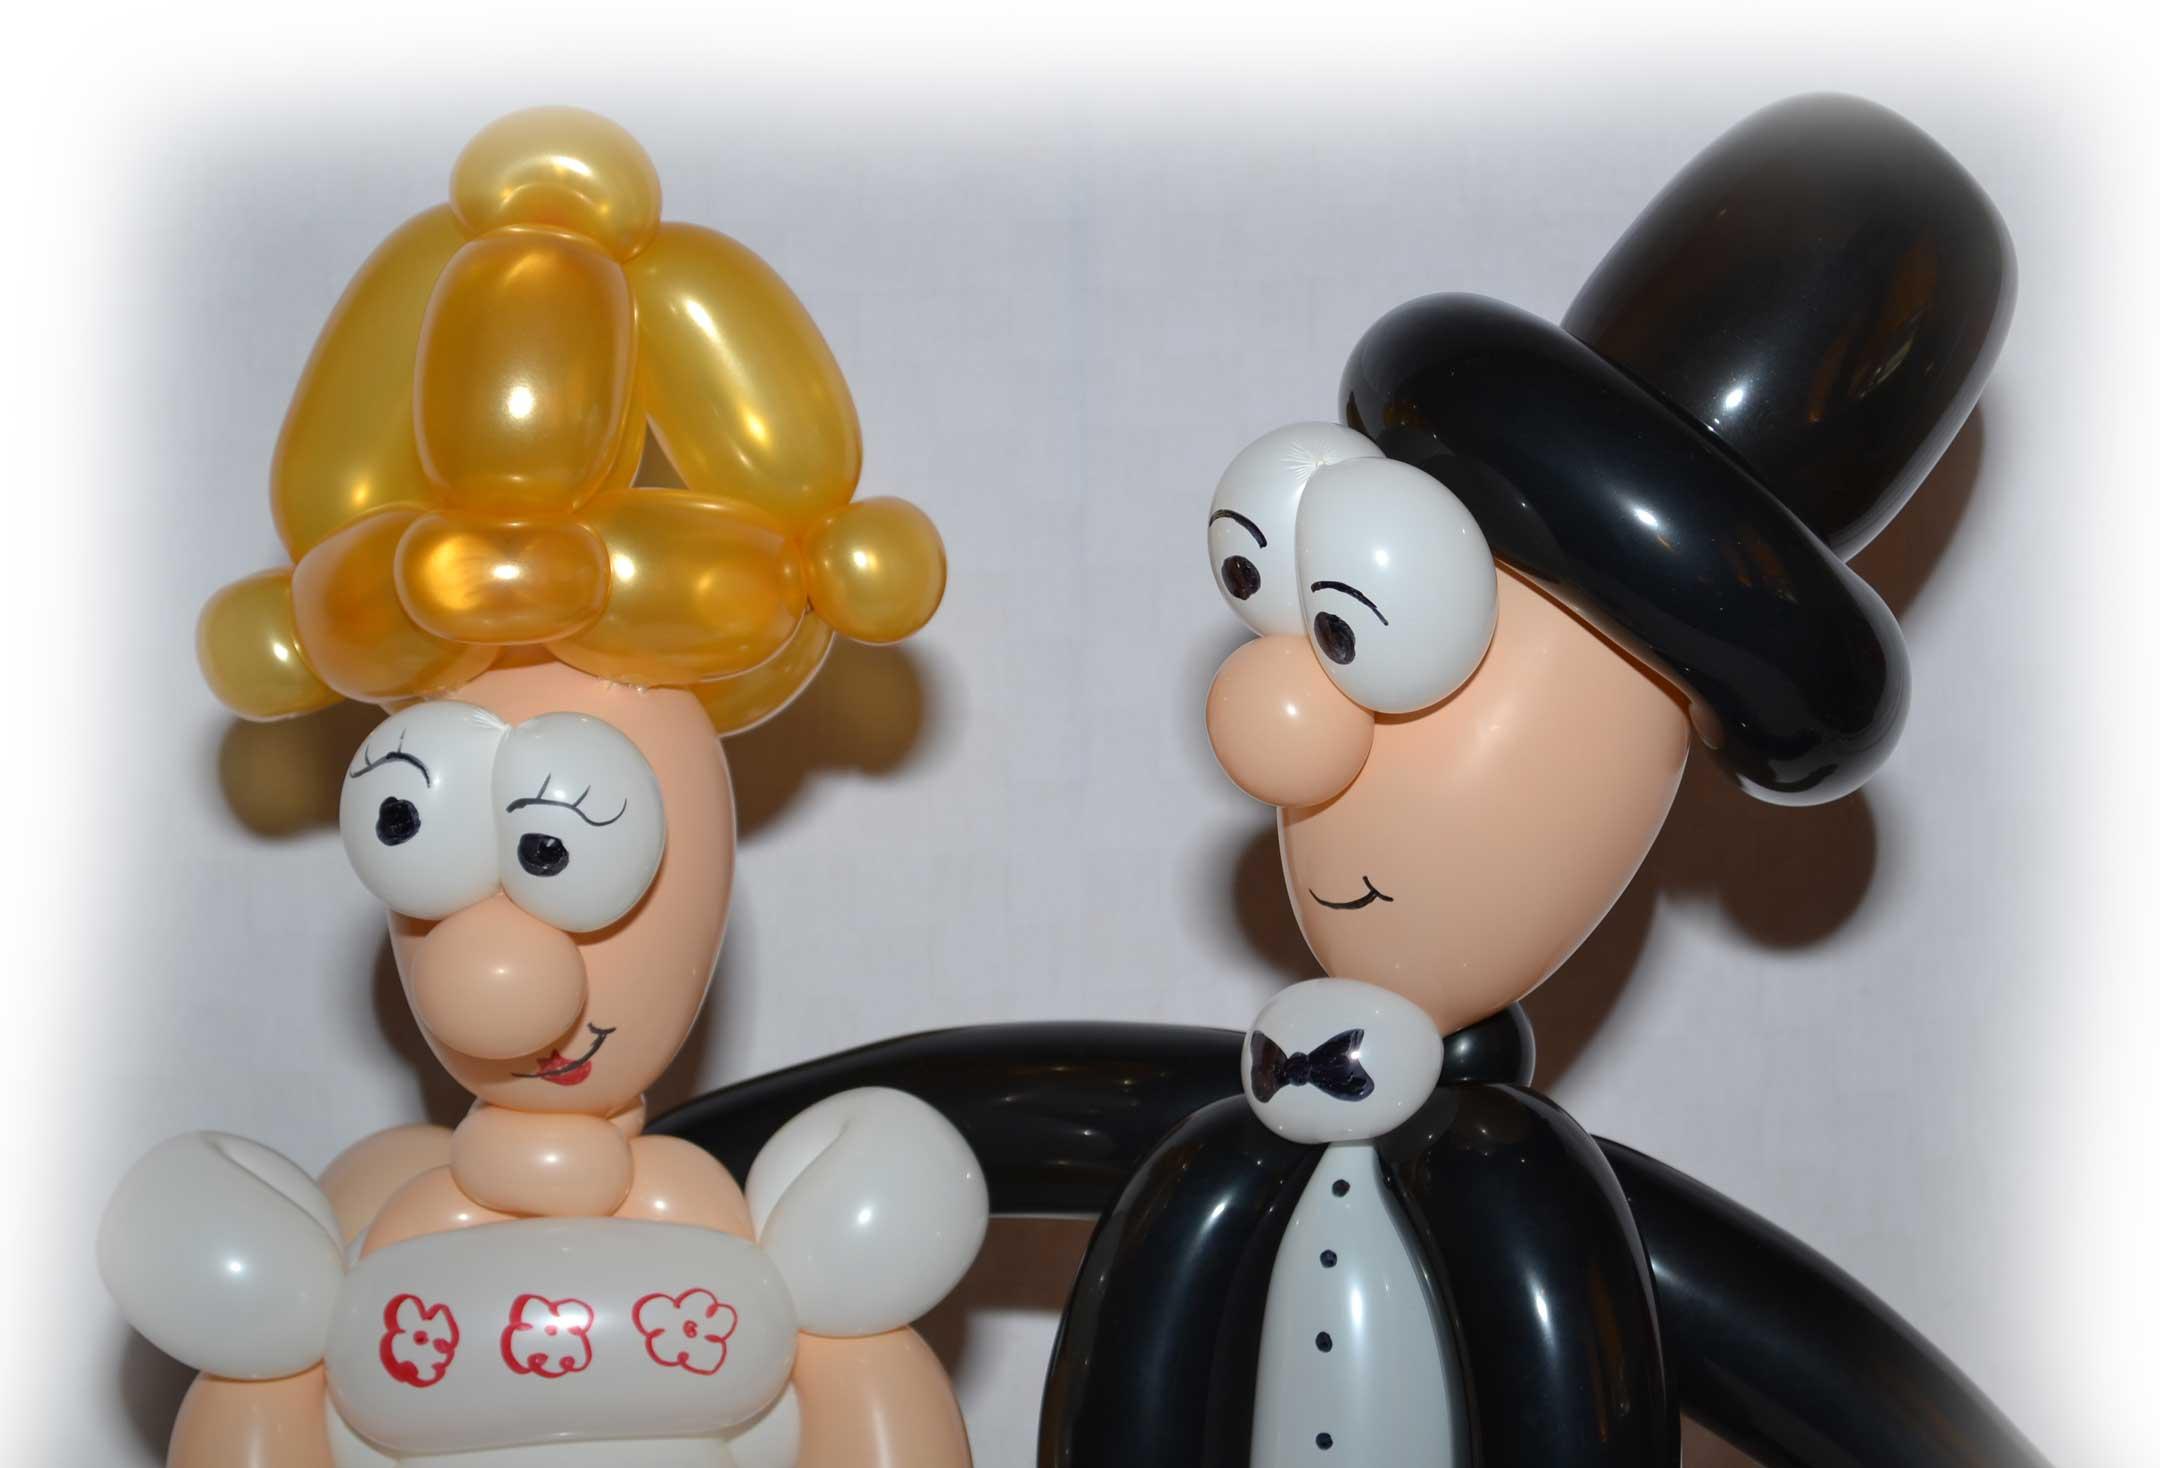 Ein Brautpaar aus Luftballons, von unserer Ballonkünstlerin erschaffen